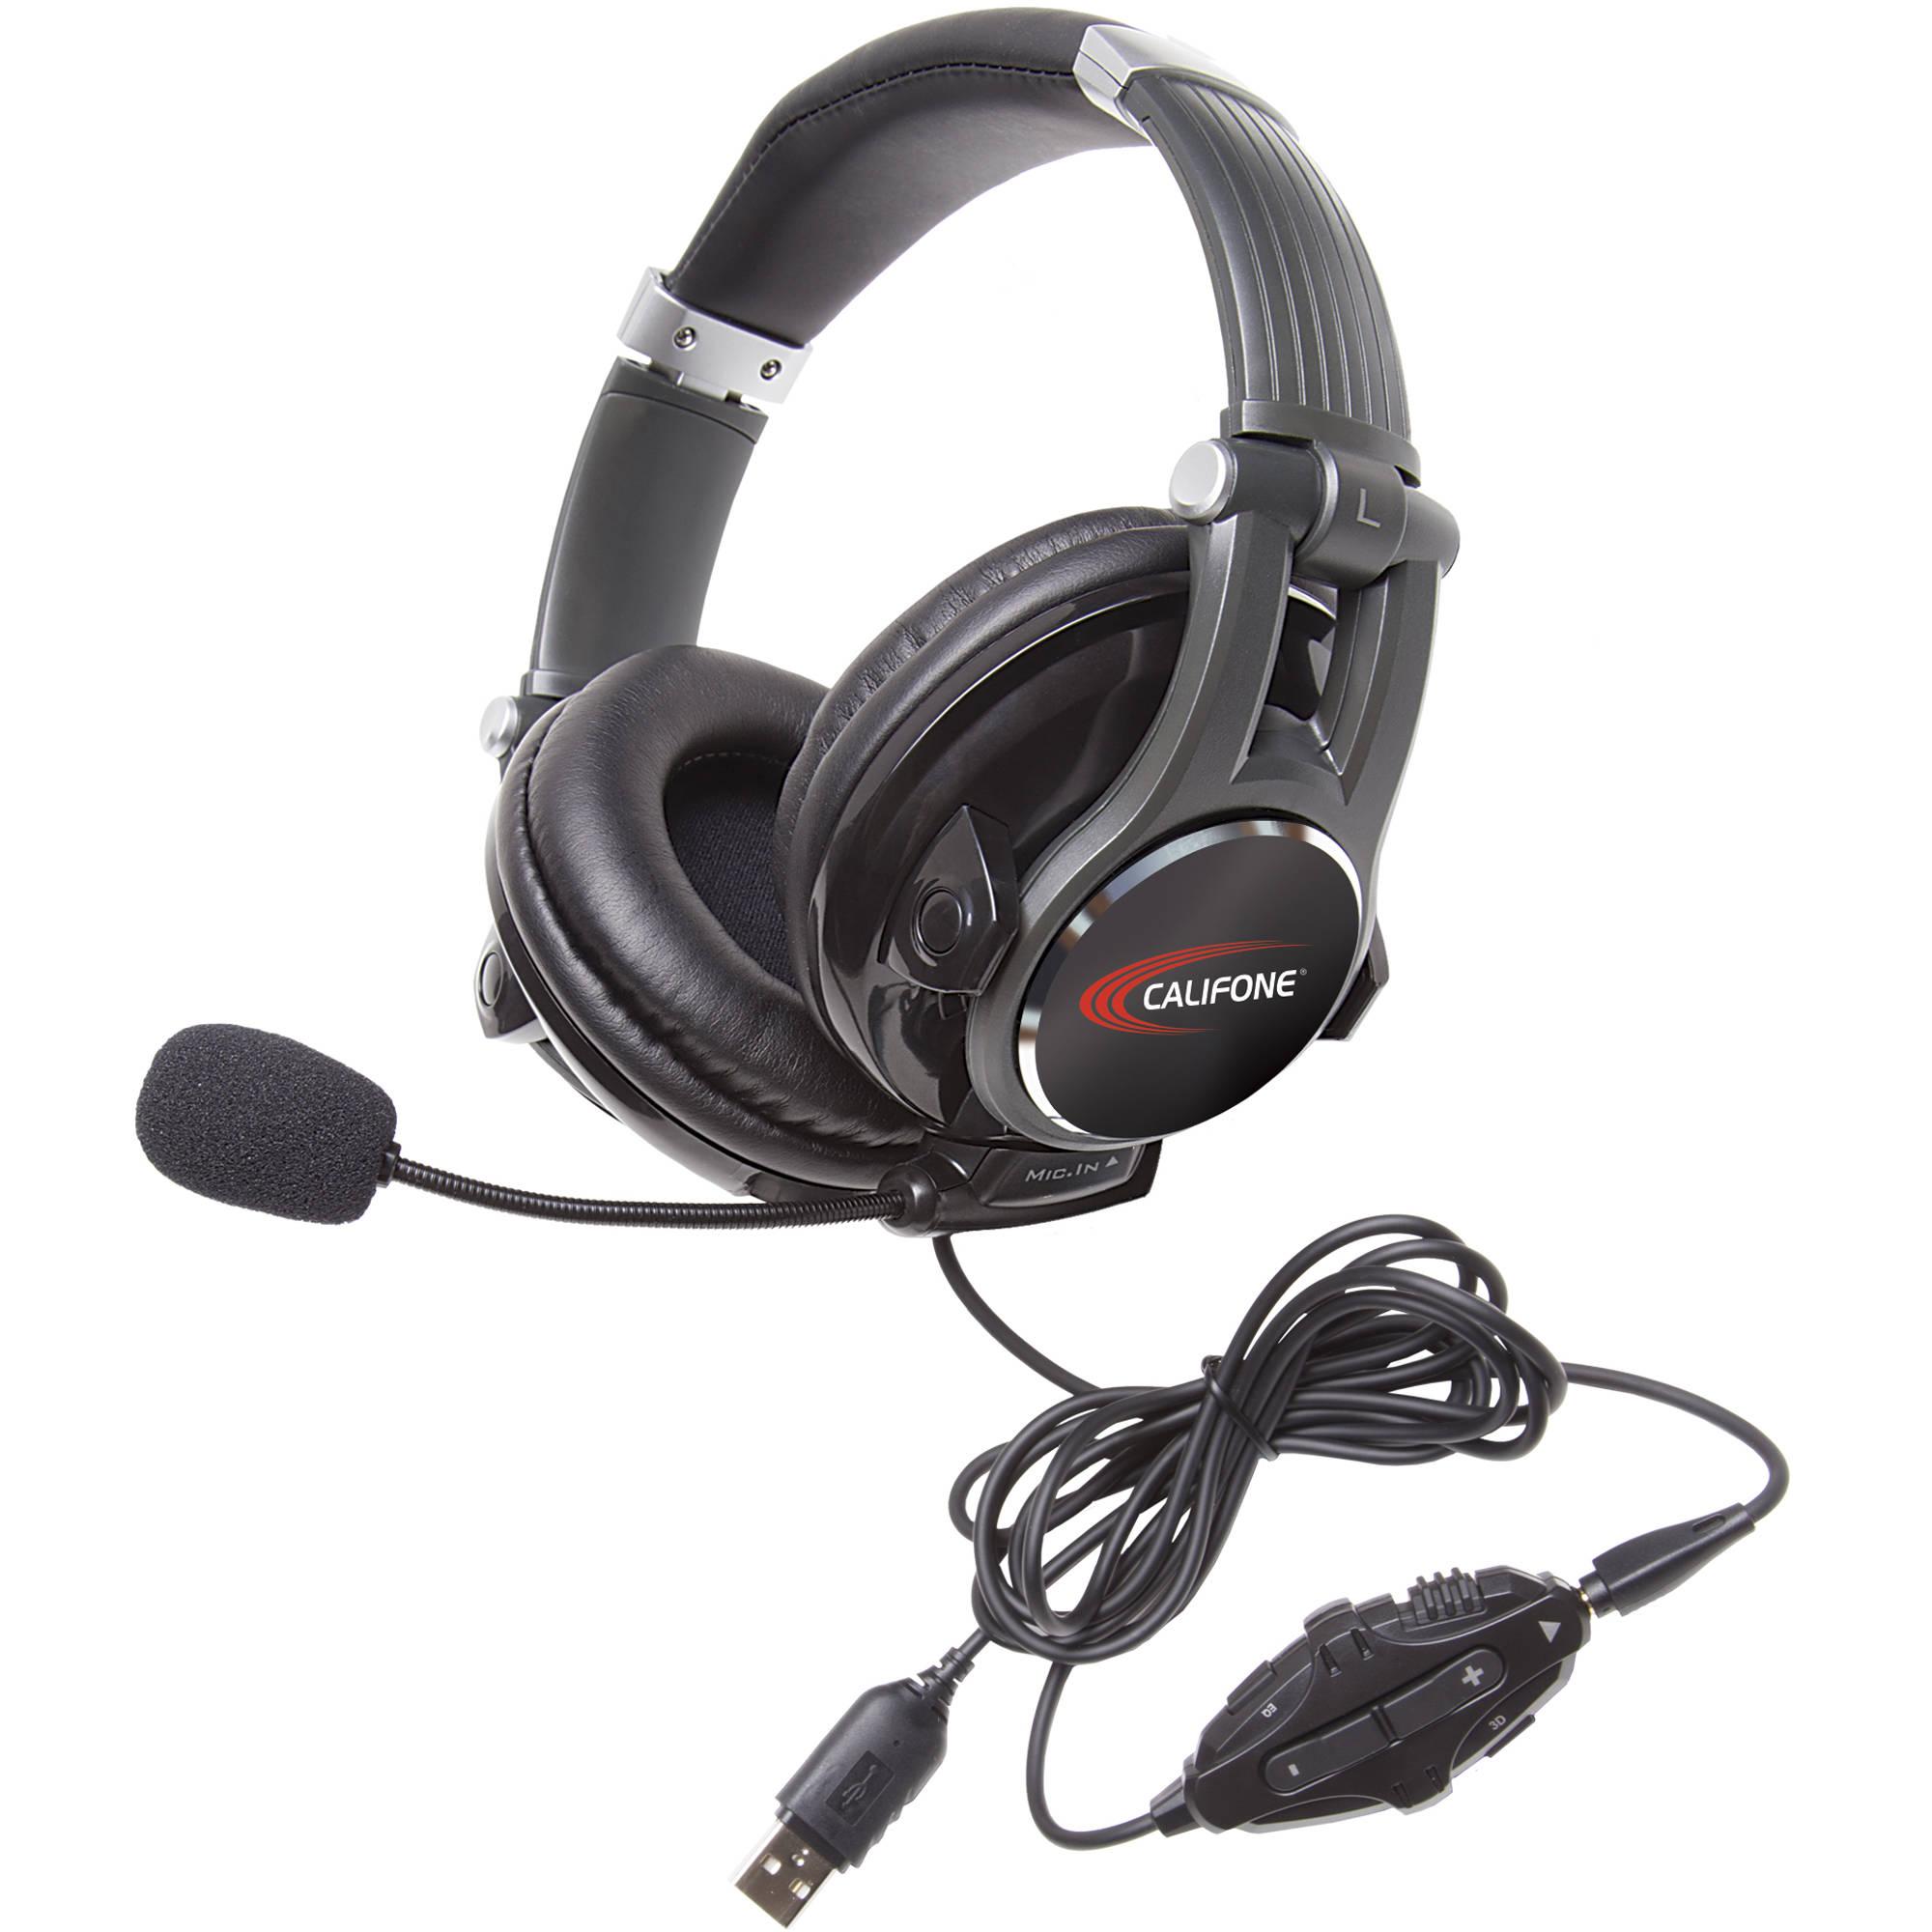 Califone GH507 Gaming Headset